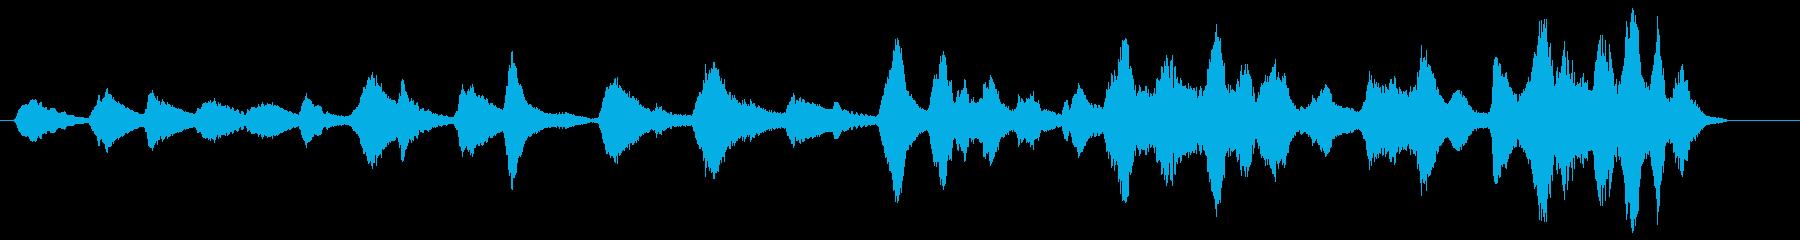 サイファイゴースト-宇宙、サイエン...の再生済みの波形